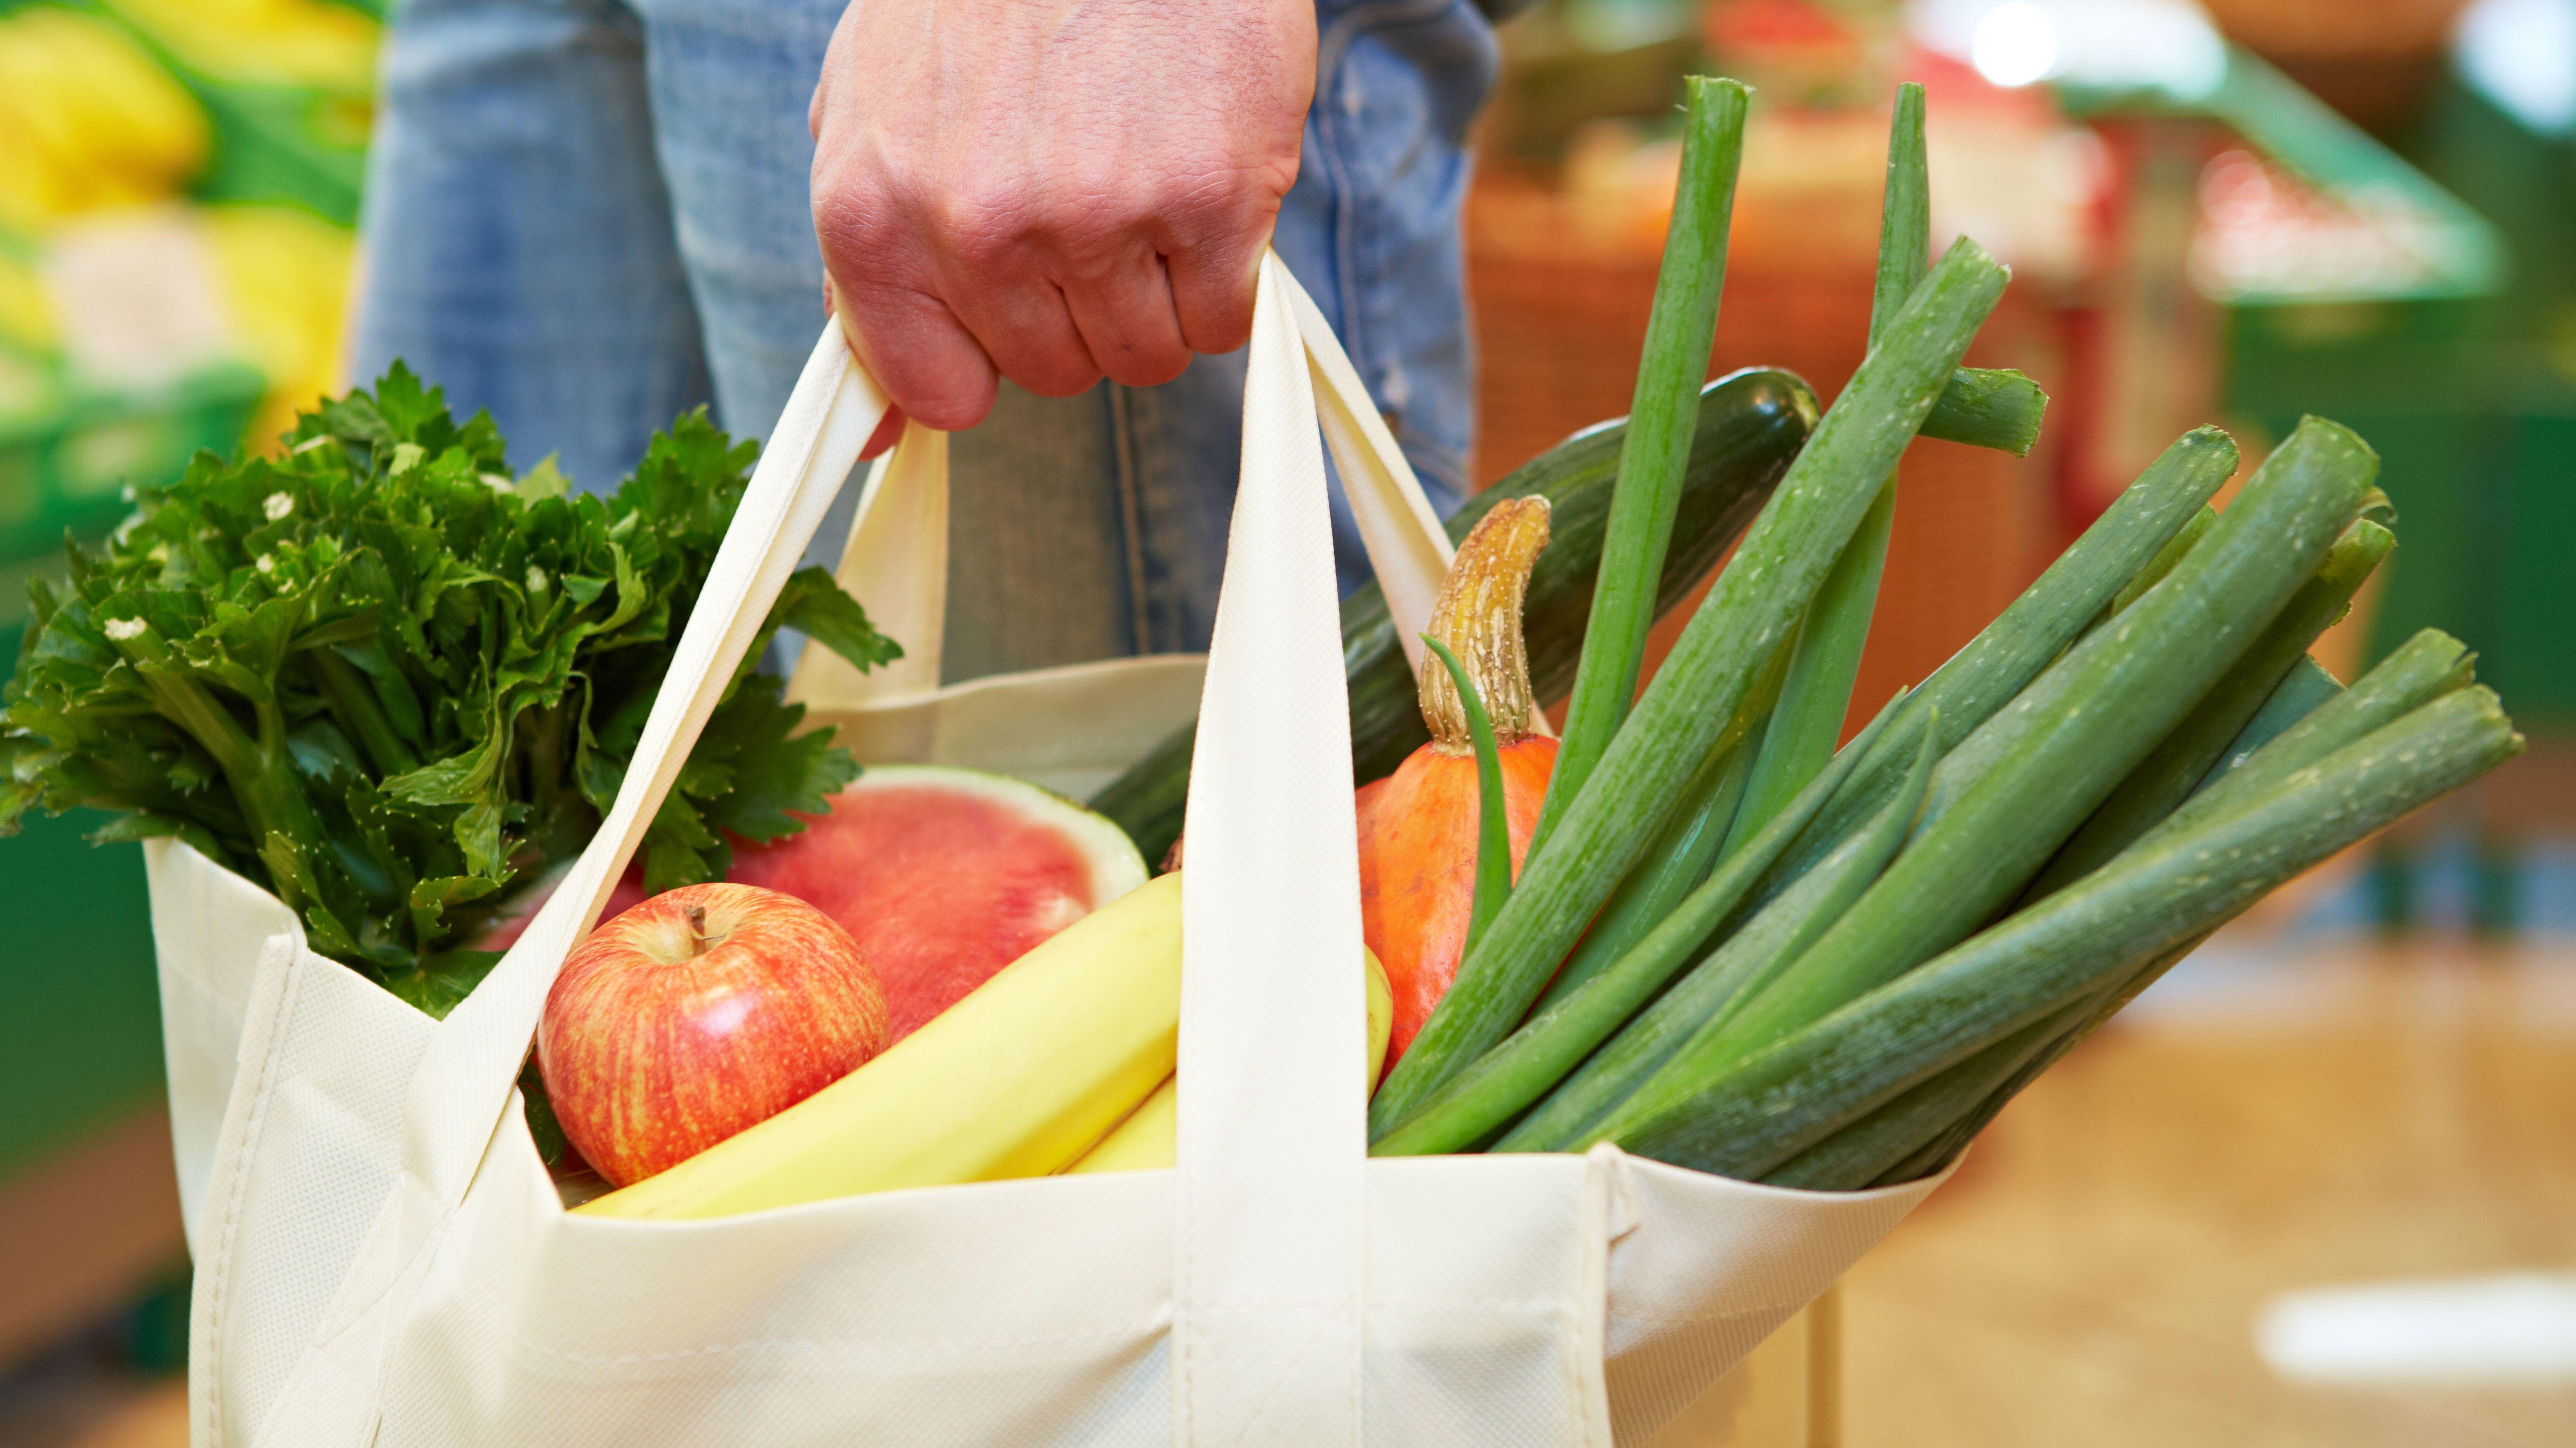 Einkaufsbeutel mit Obst und Gemüse